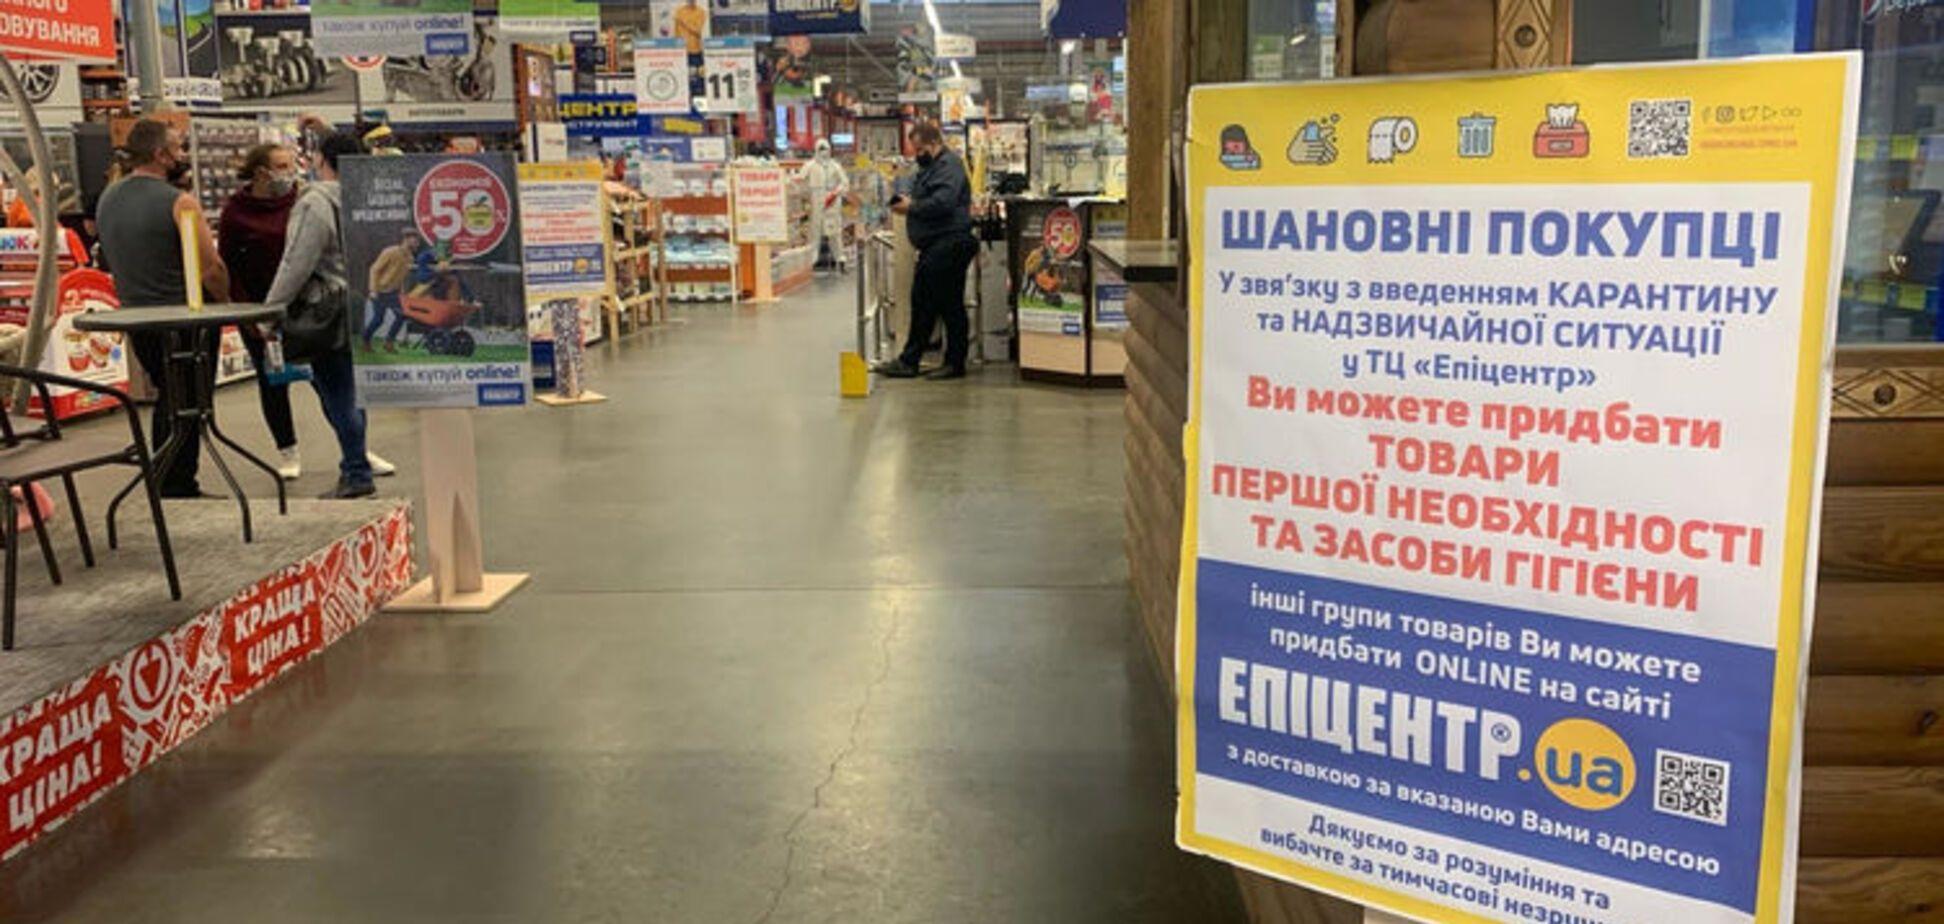 В 'Епіцентрі' після гучного скандалу заборонили продавати будматеріали. Фото